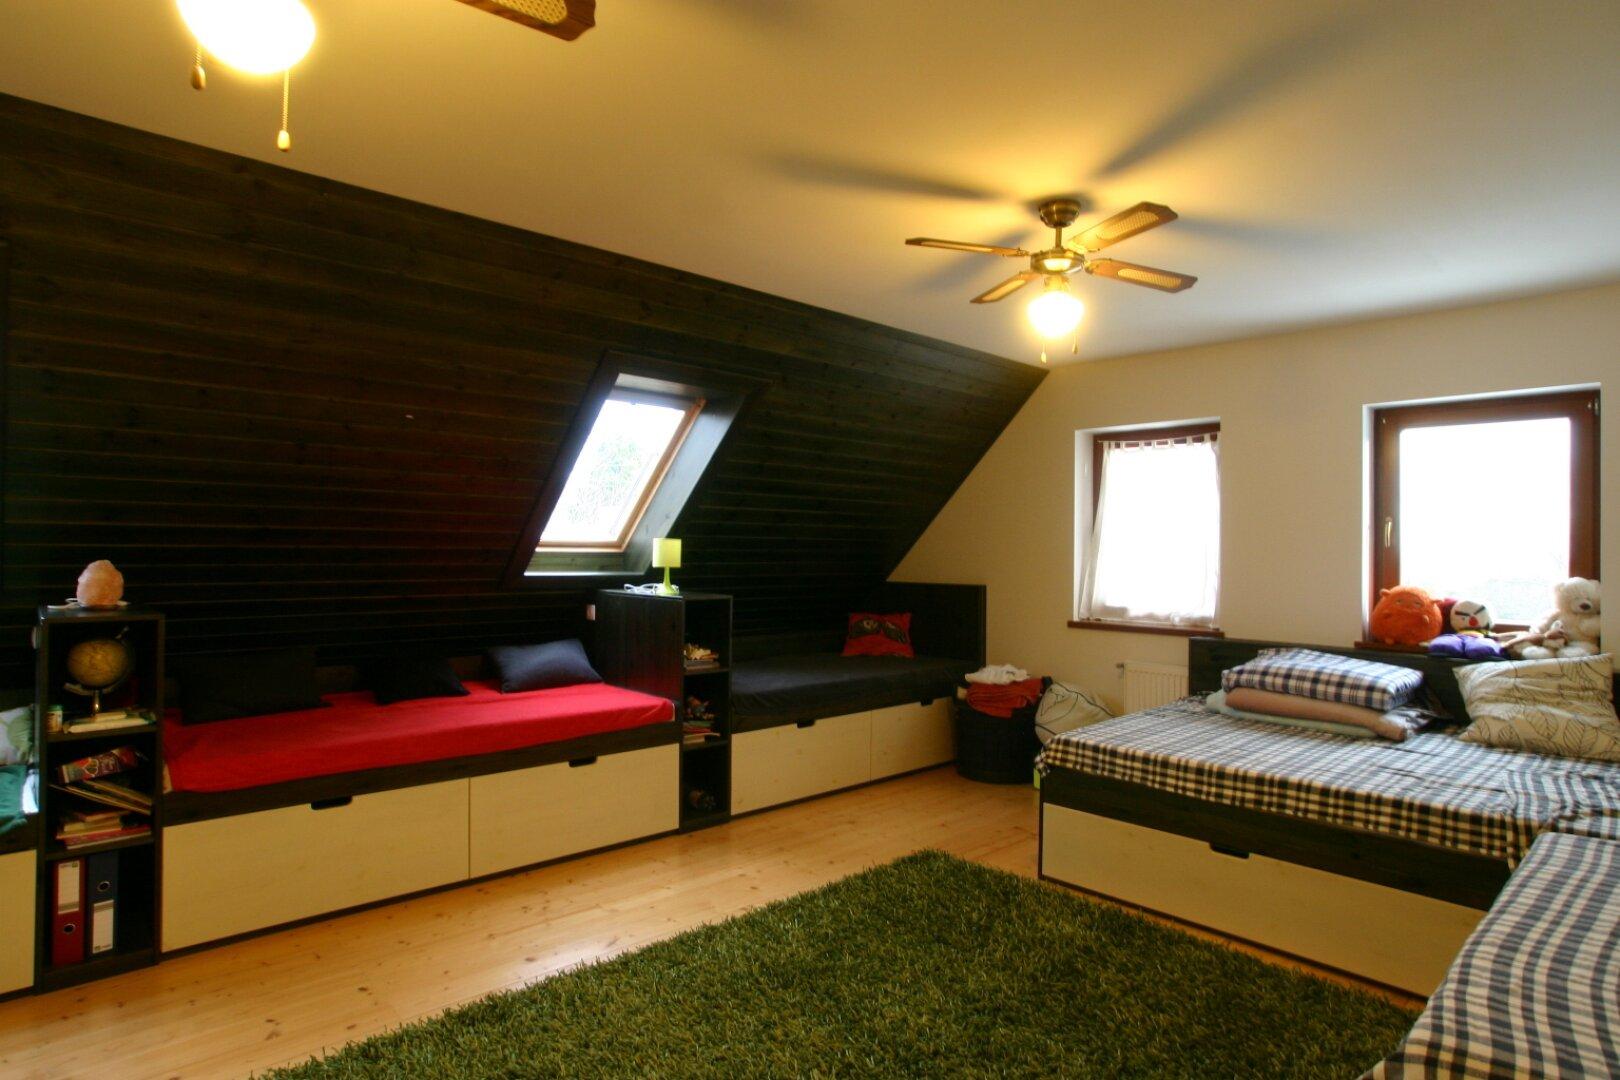 Schlafzimmer mit massgefertigten  Betten